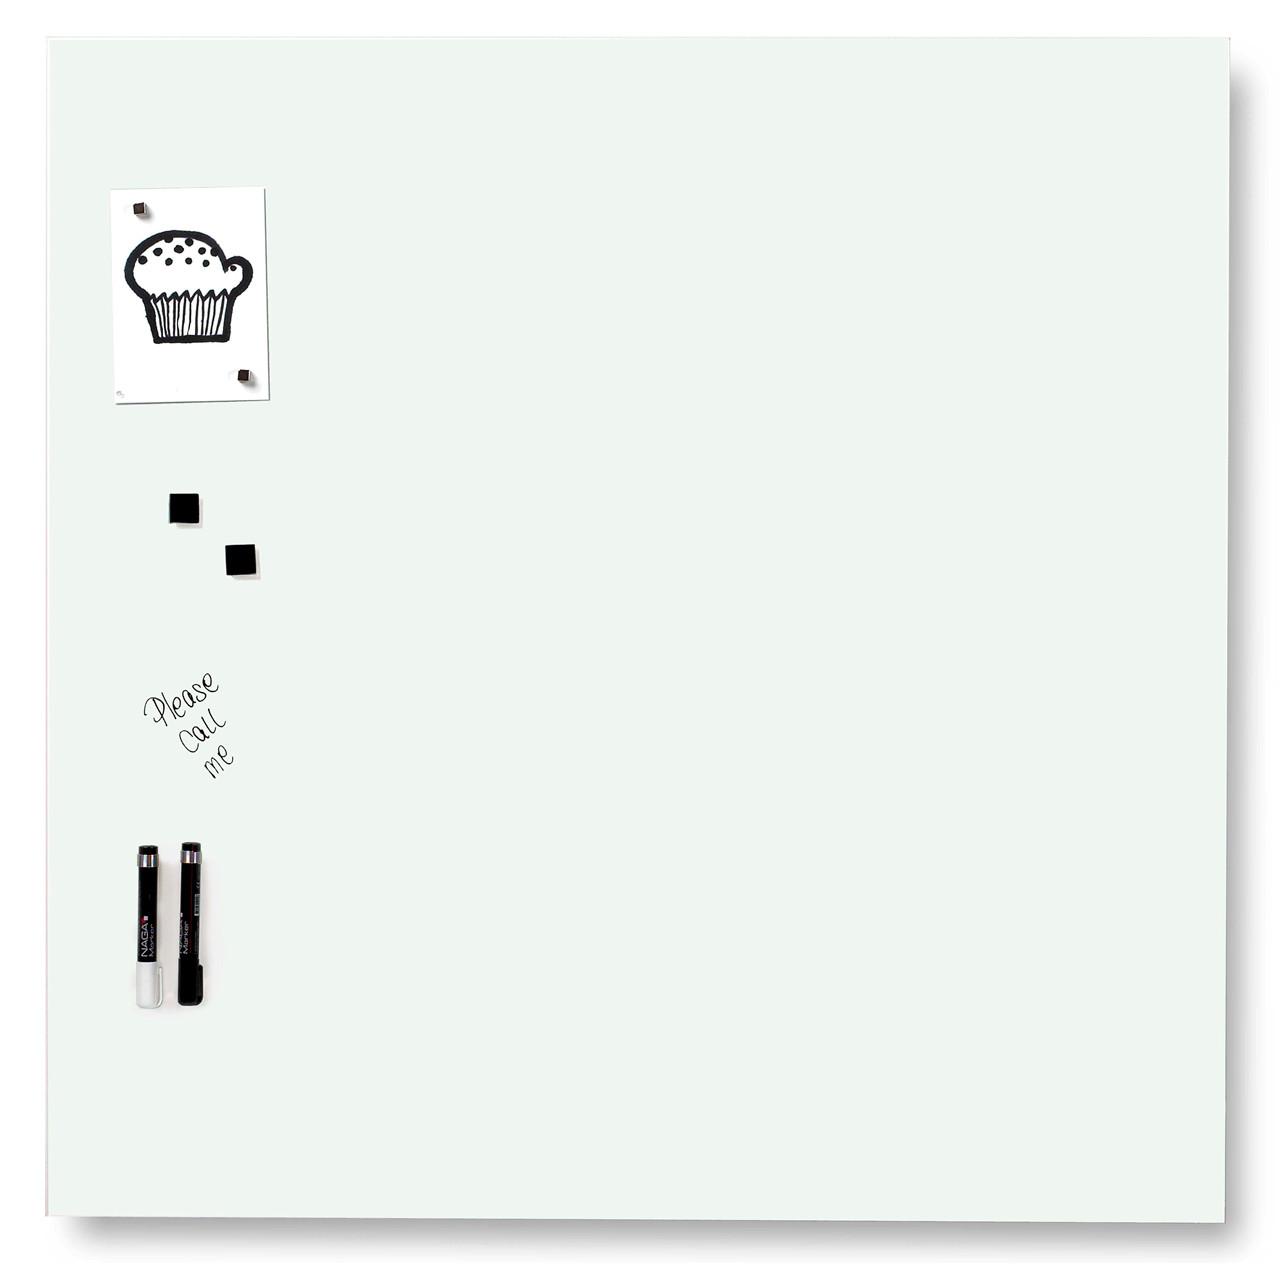 Sidste nye Glas opslagstavle - Naga magnetisk 100 x 100 cm hvid - Køb billigt RH-29